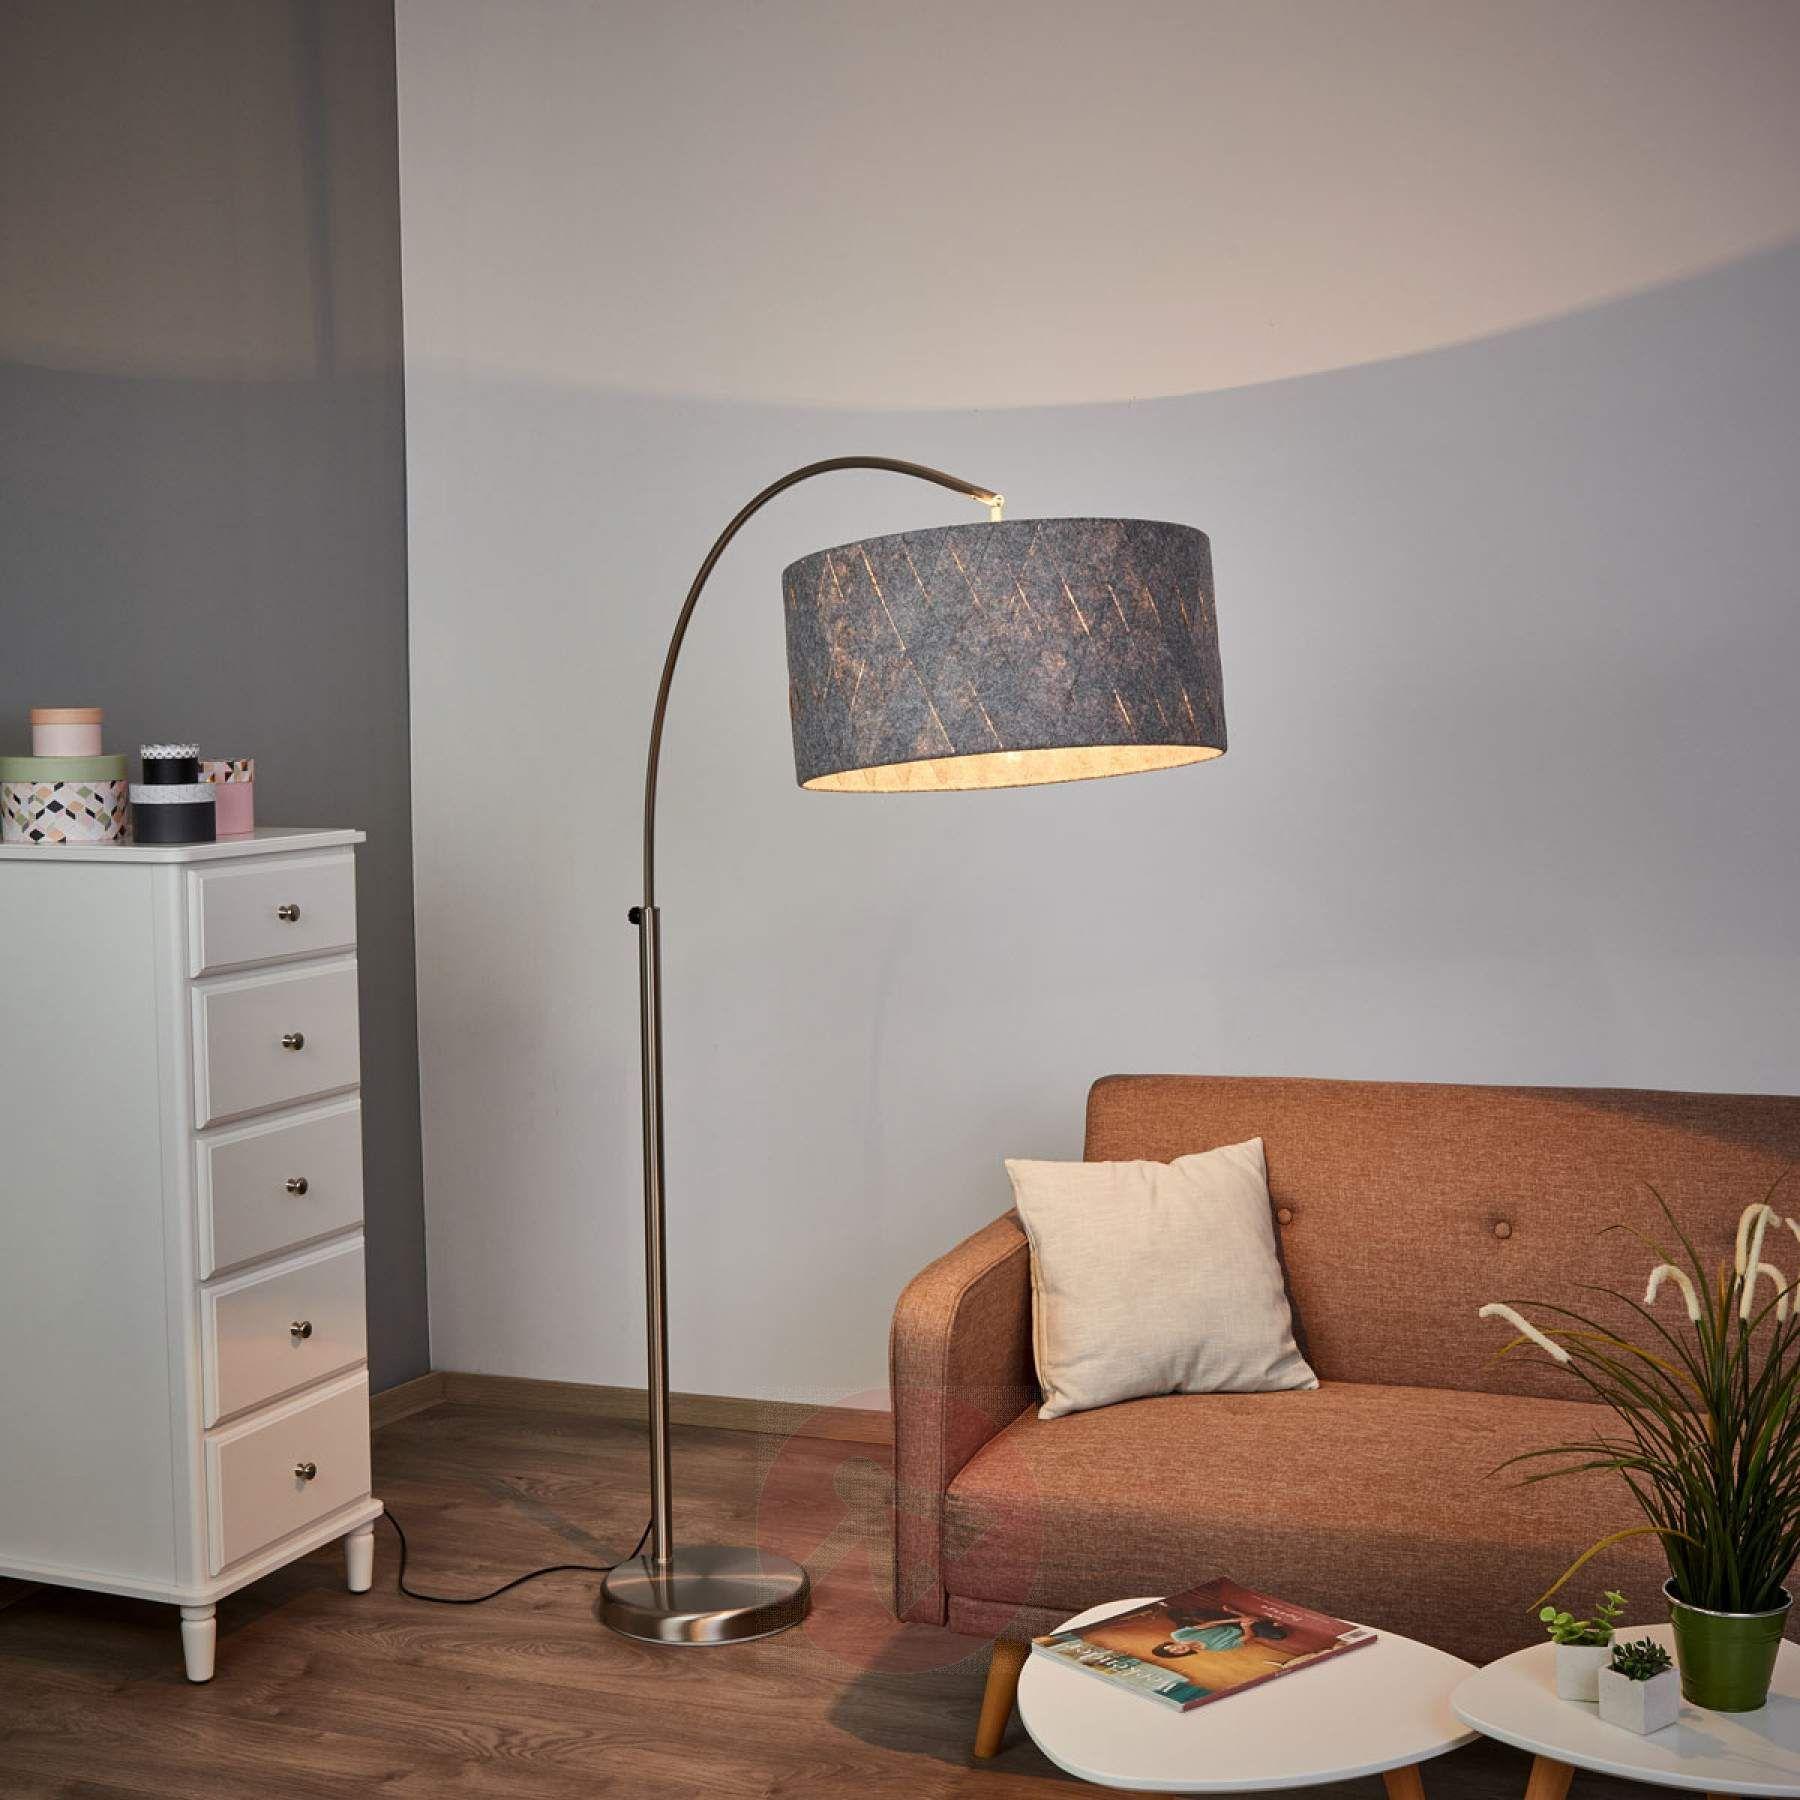 Schone Bogen Stehlampe Flint 9520044 01 Stehlampe Wohnzimmer